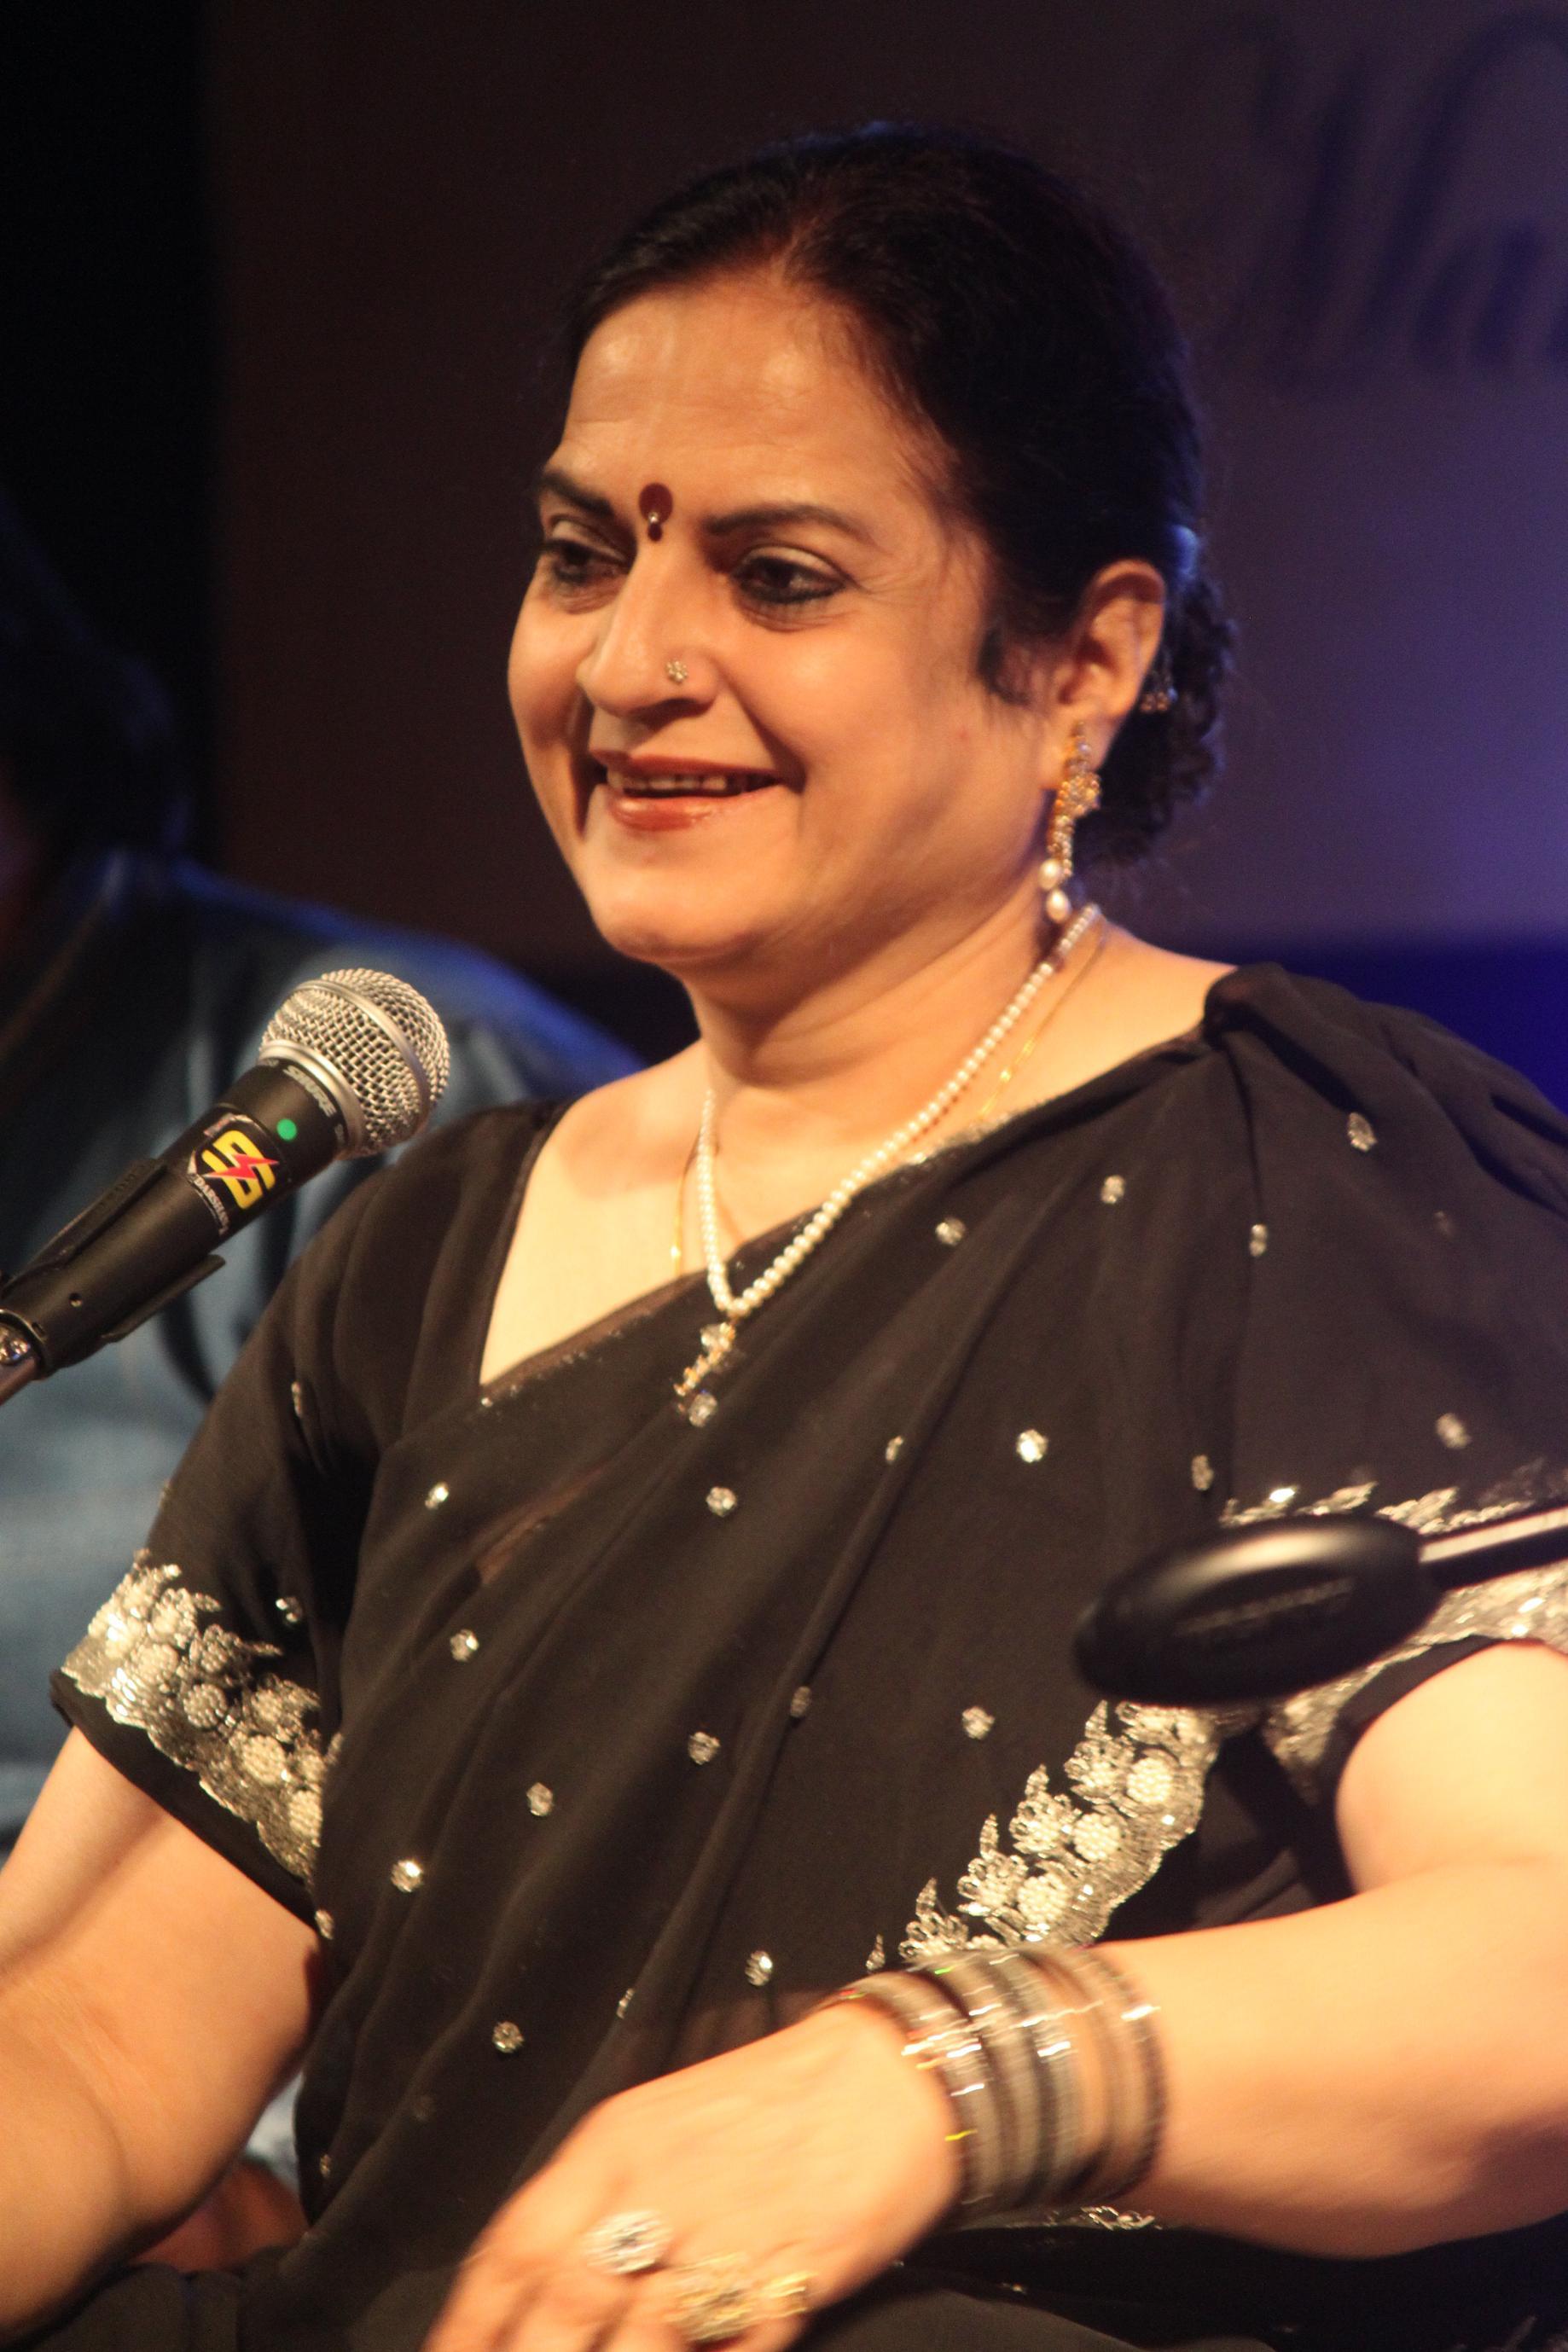 Singer Kanak Chaturvedi-performing